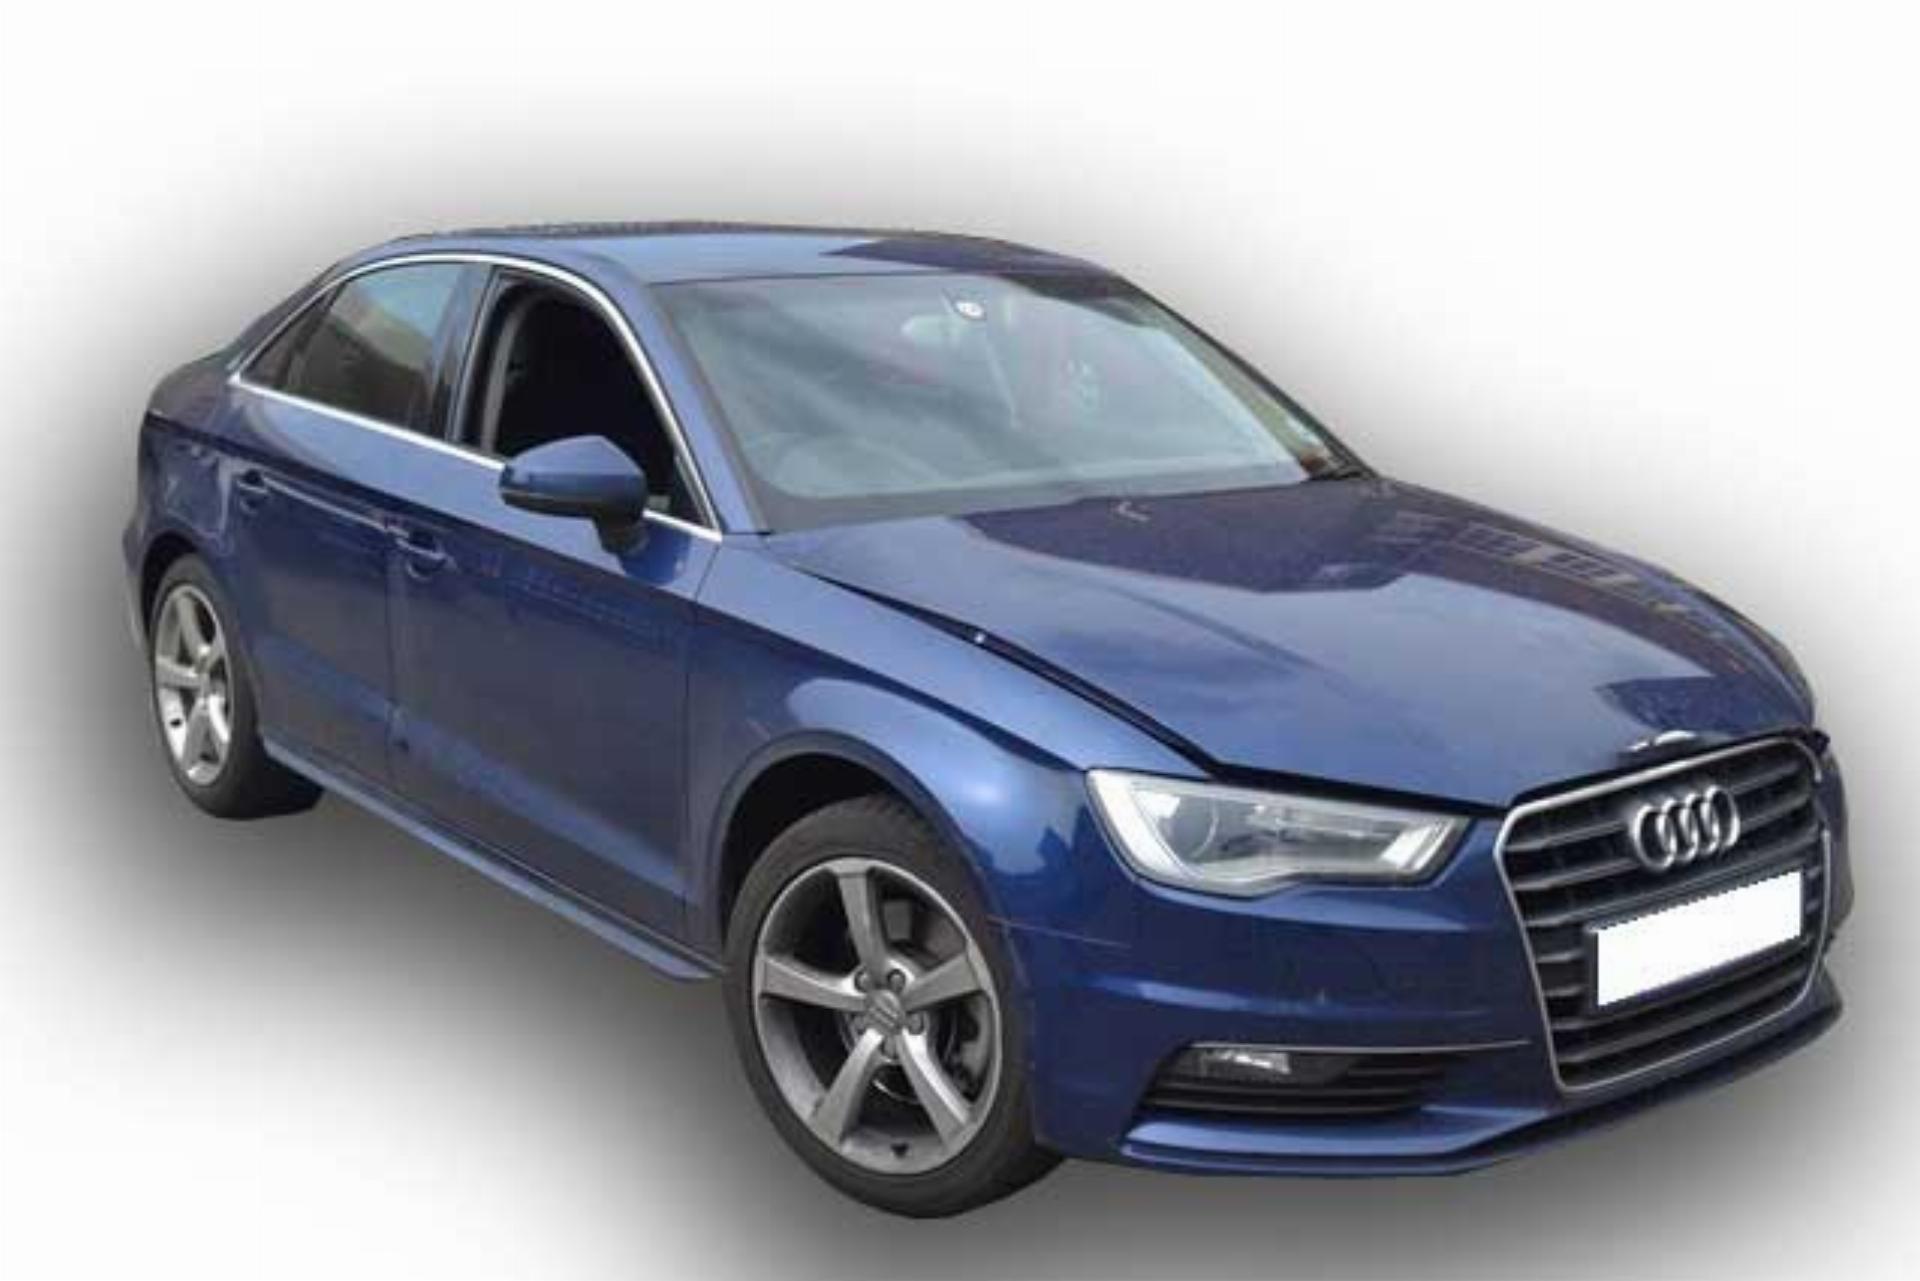 Audi A3 1.8T Fsi SE Stronic